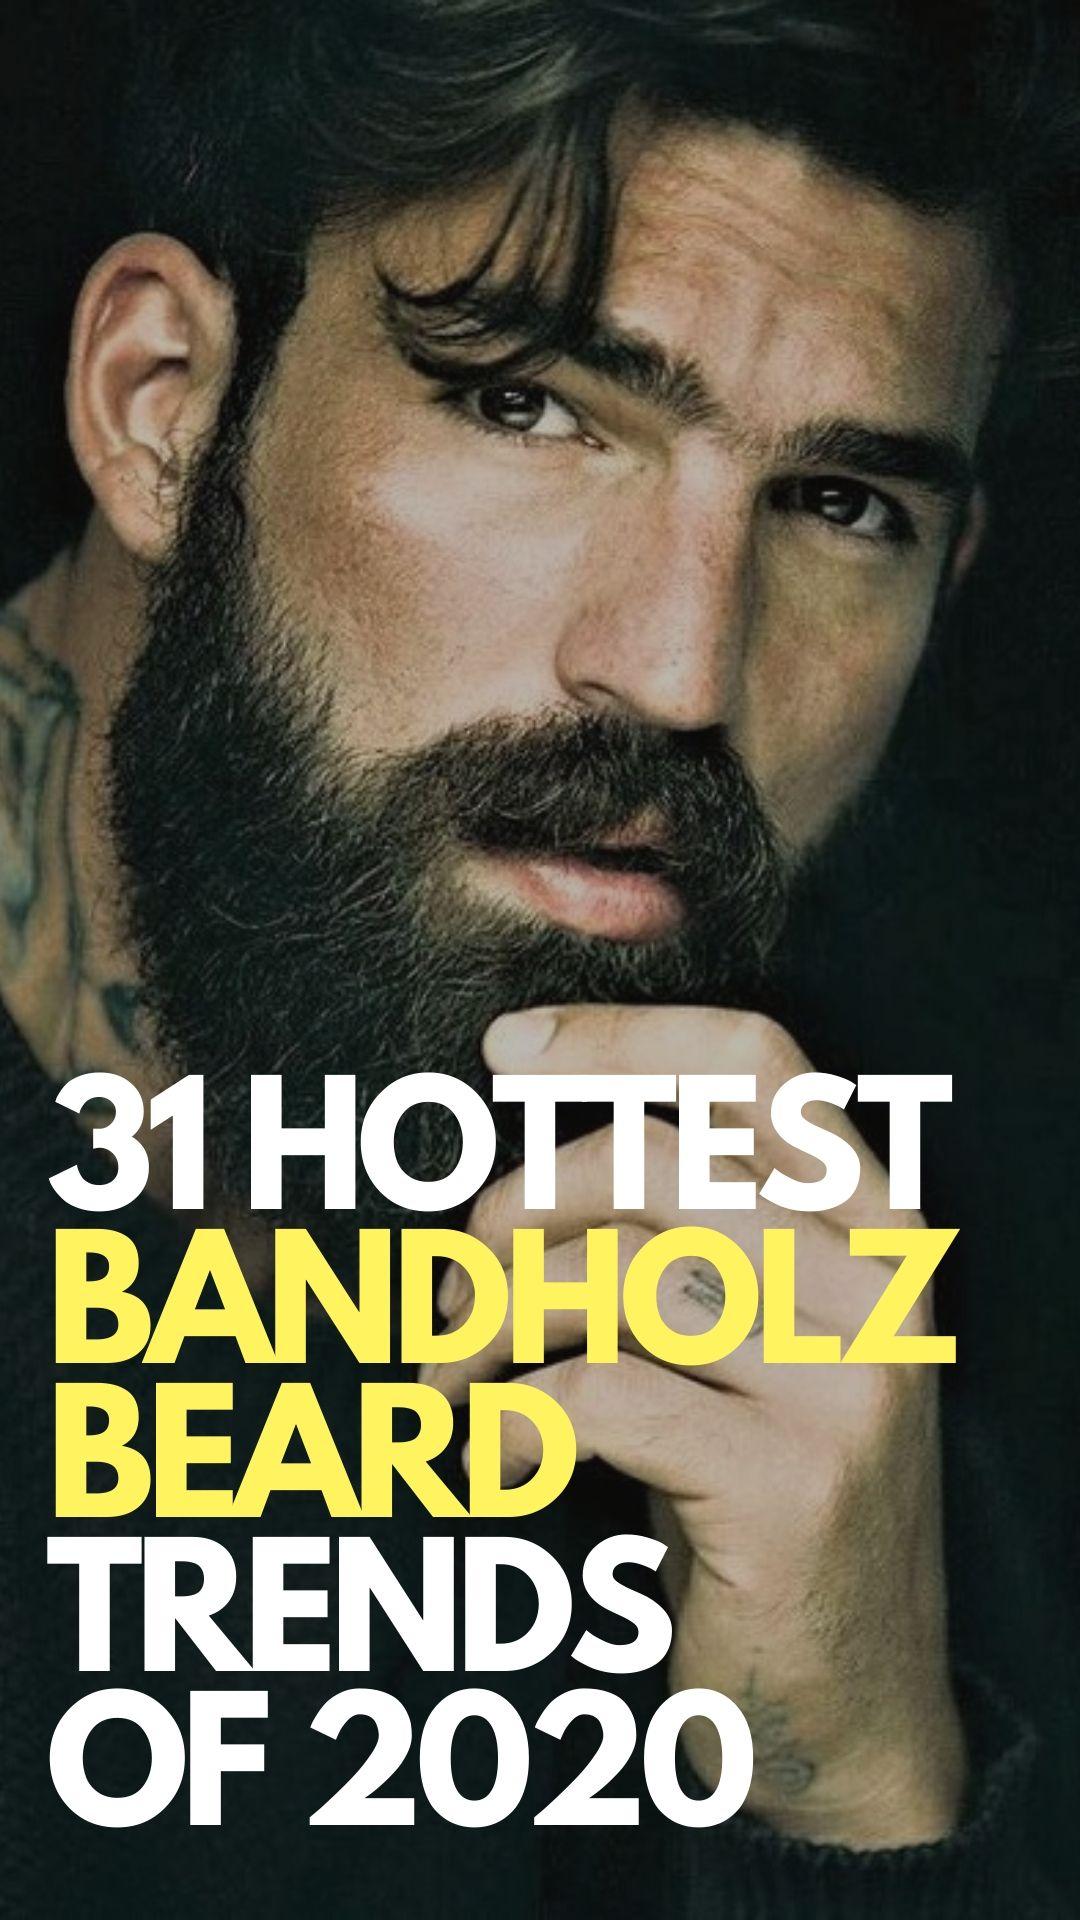 31 Hottest Bandholz Beard Trends of 2020